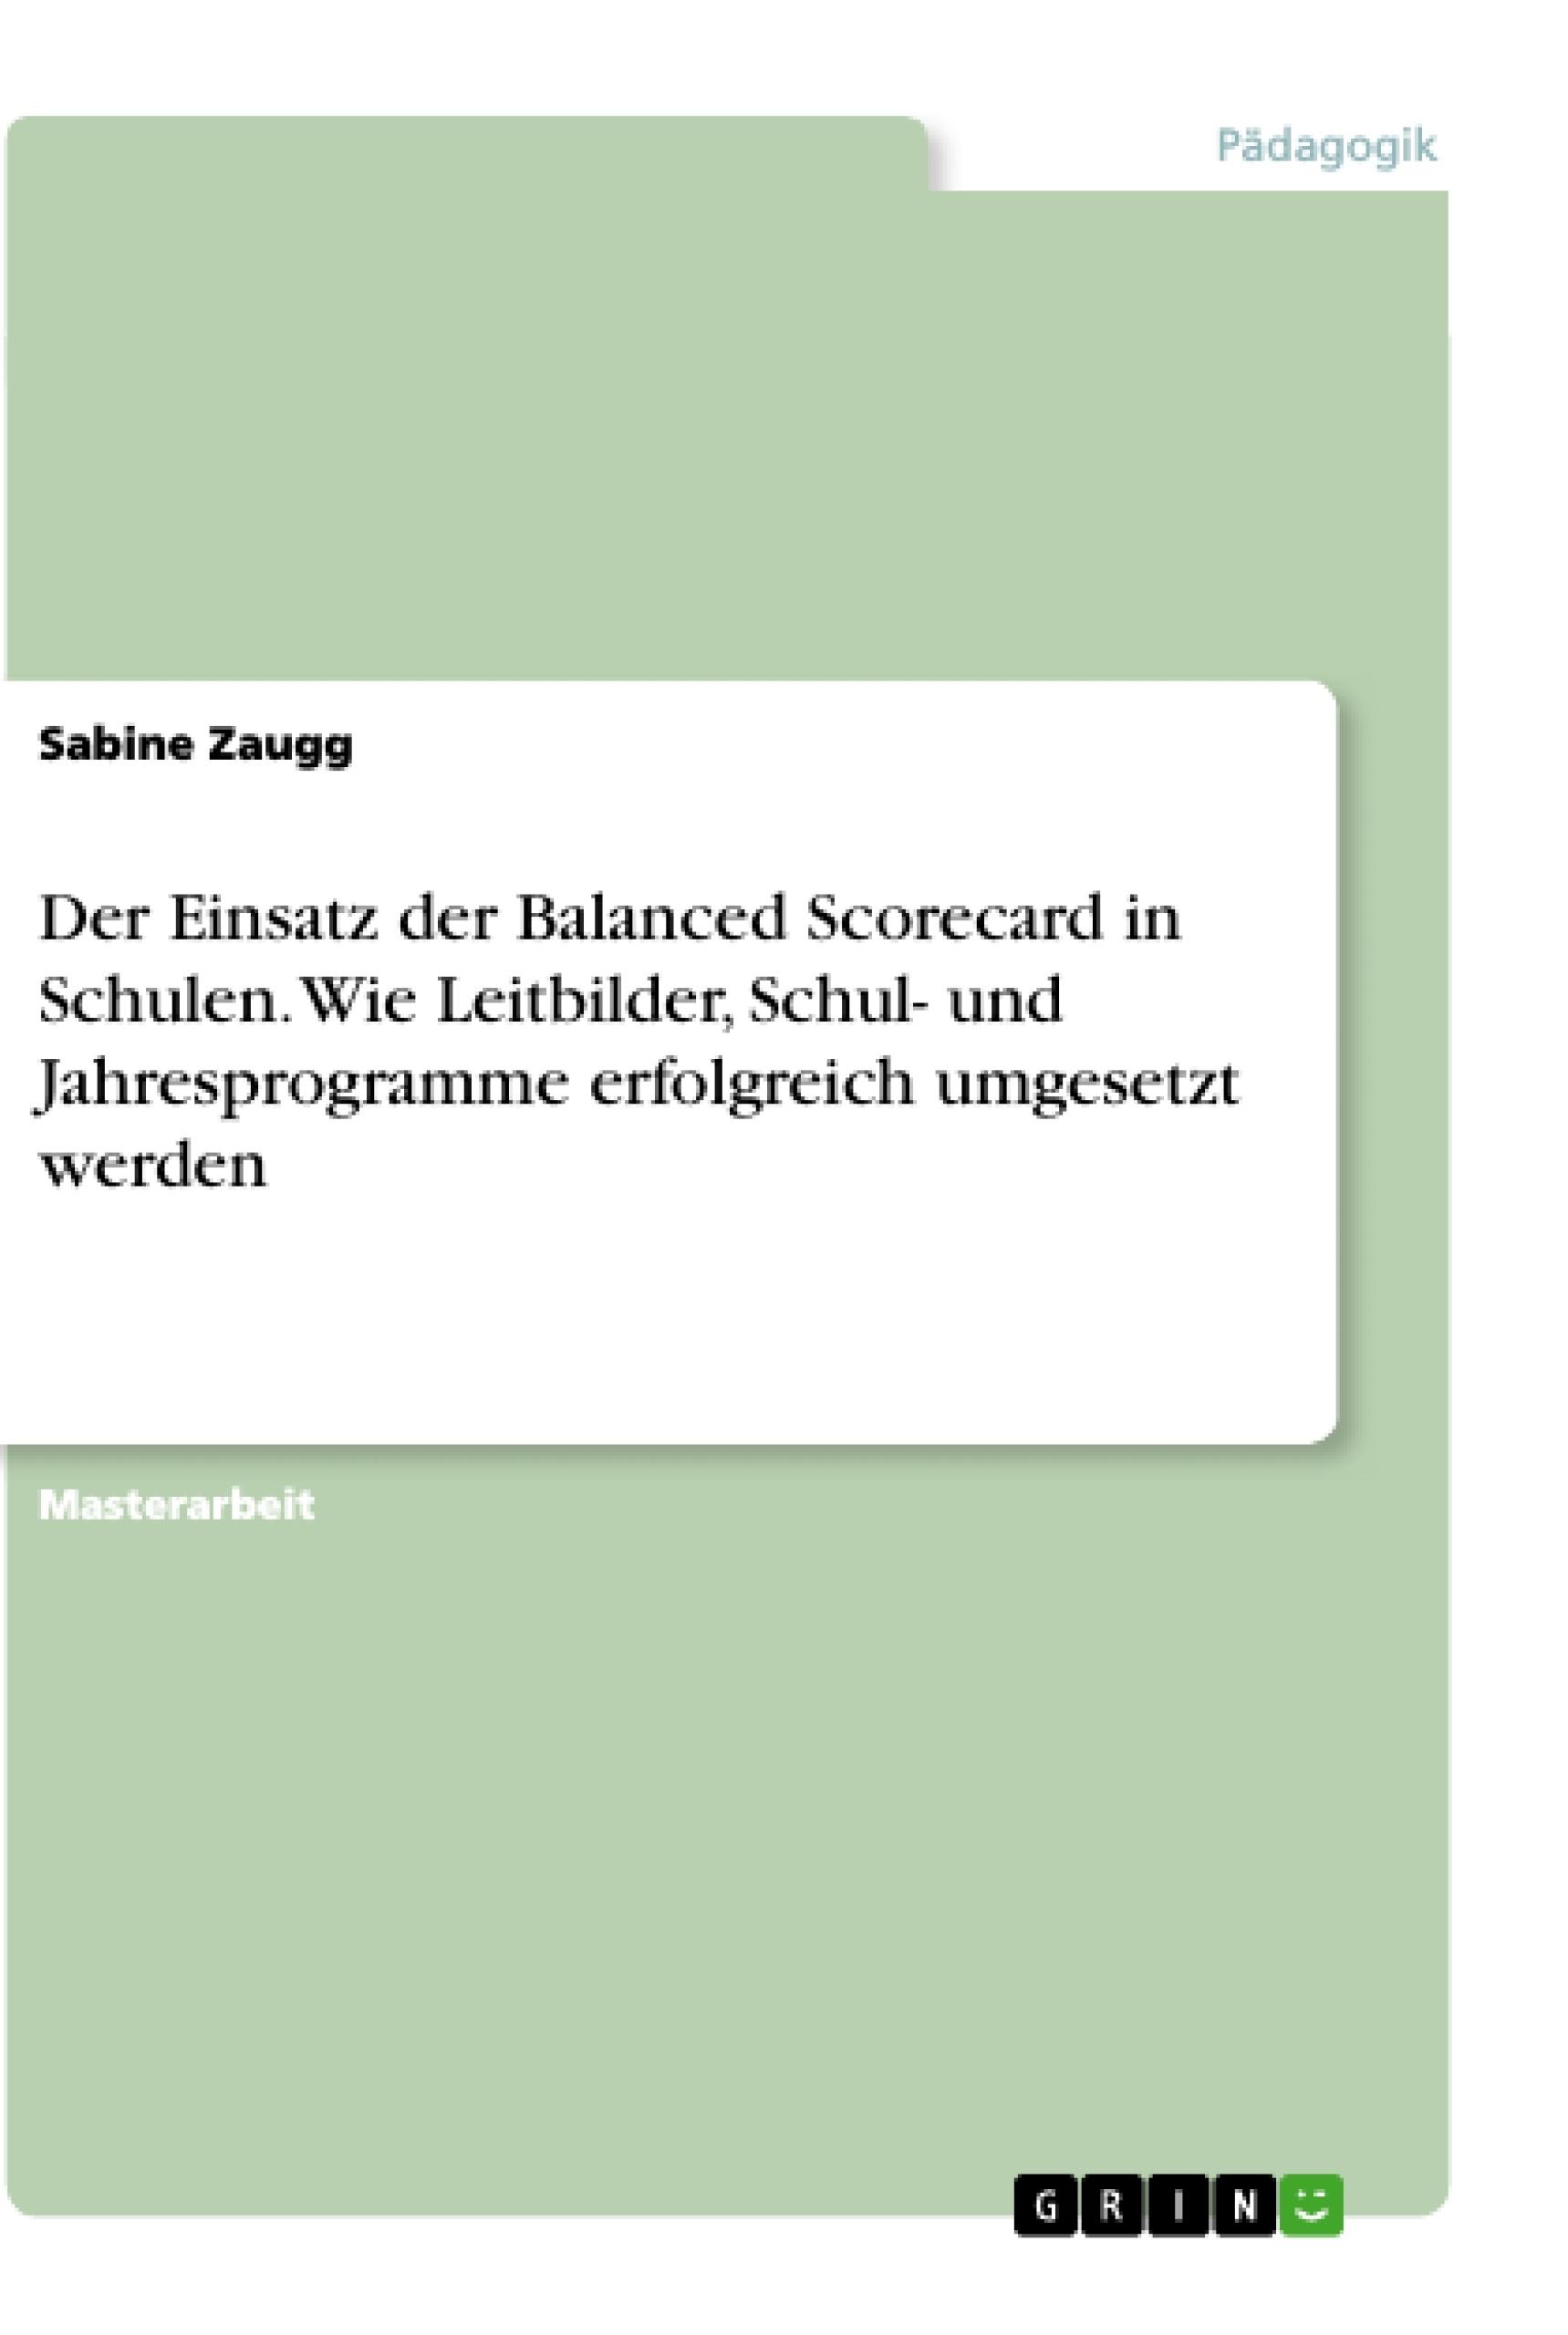 Titel: Der Einsatz der Balanced Scorecard in Schulen. Wie Leitbilder, Schul- und Jahresprogramme erfolgreich umgesetzt werden